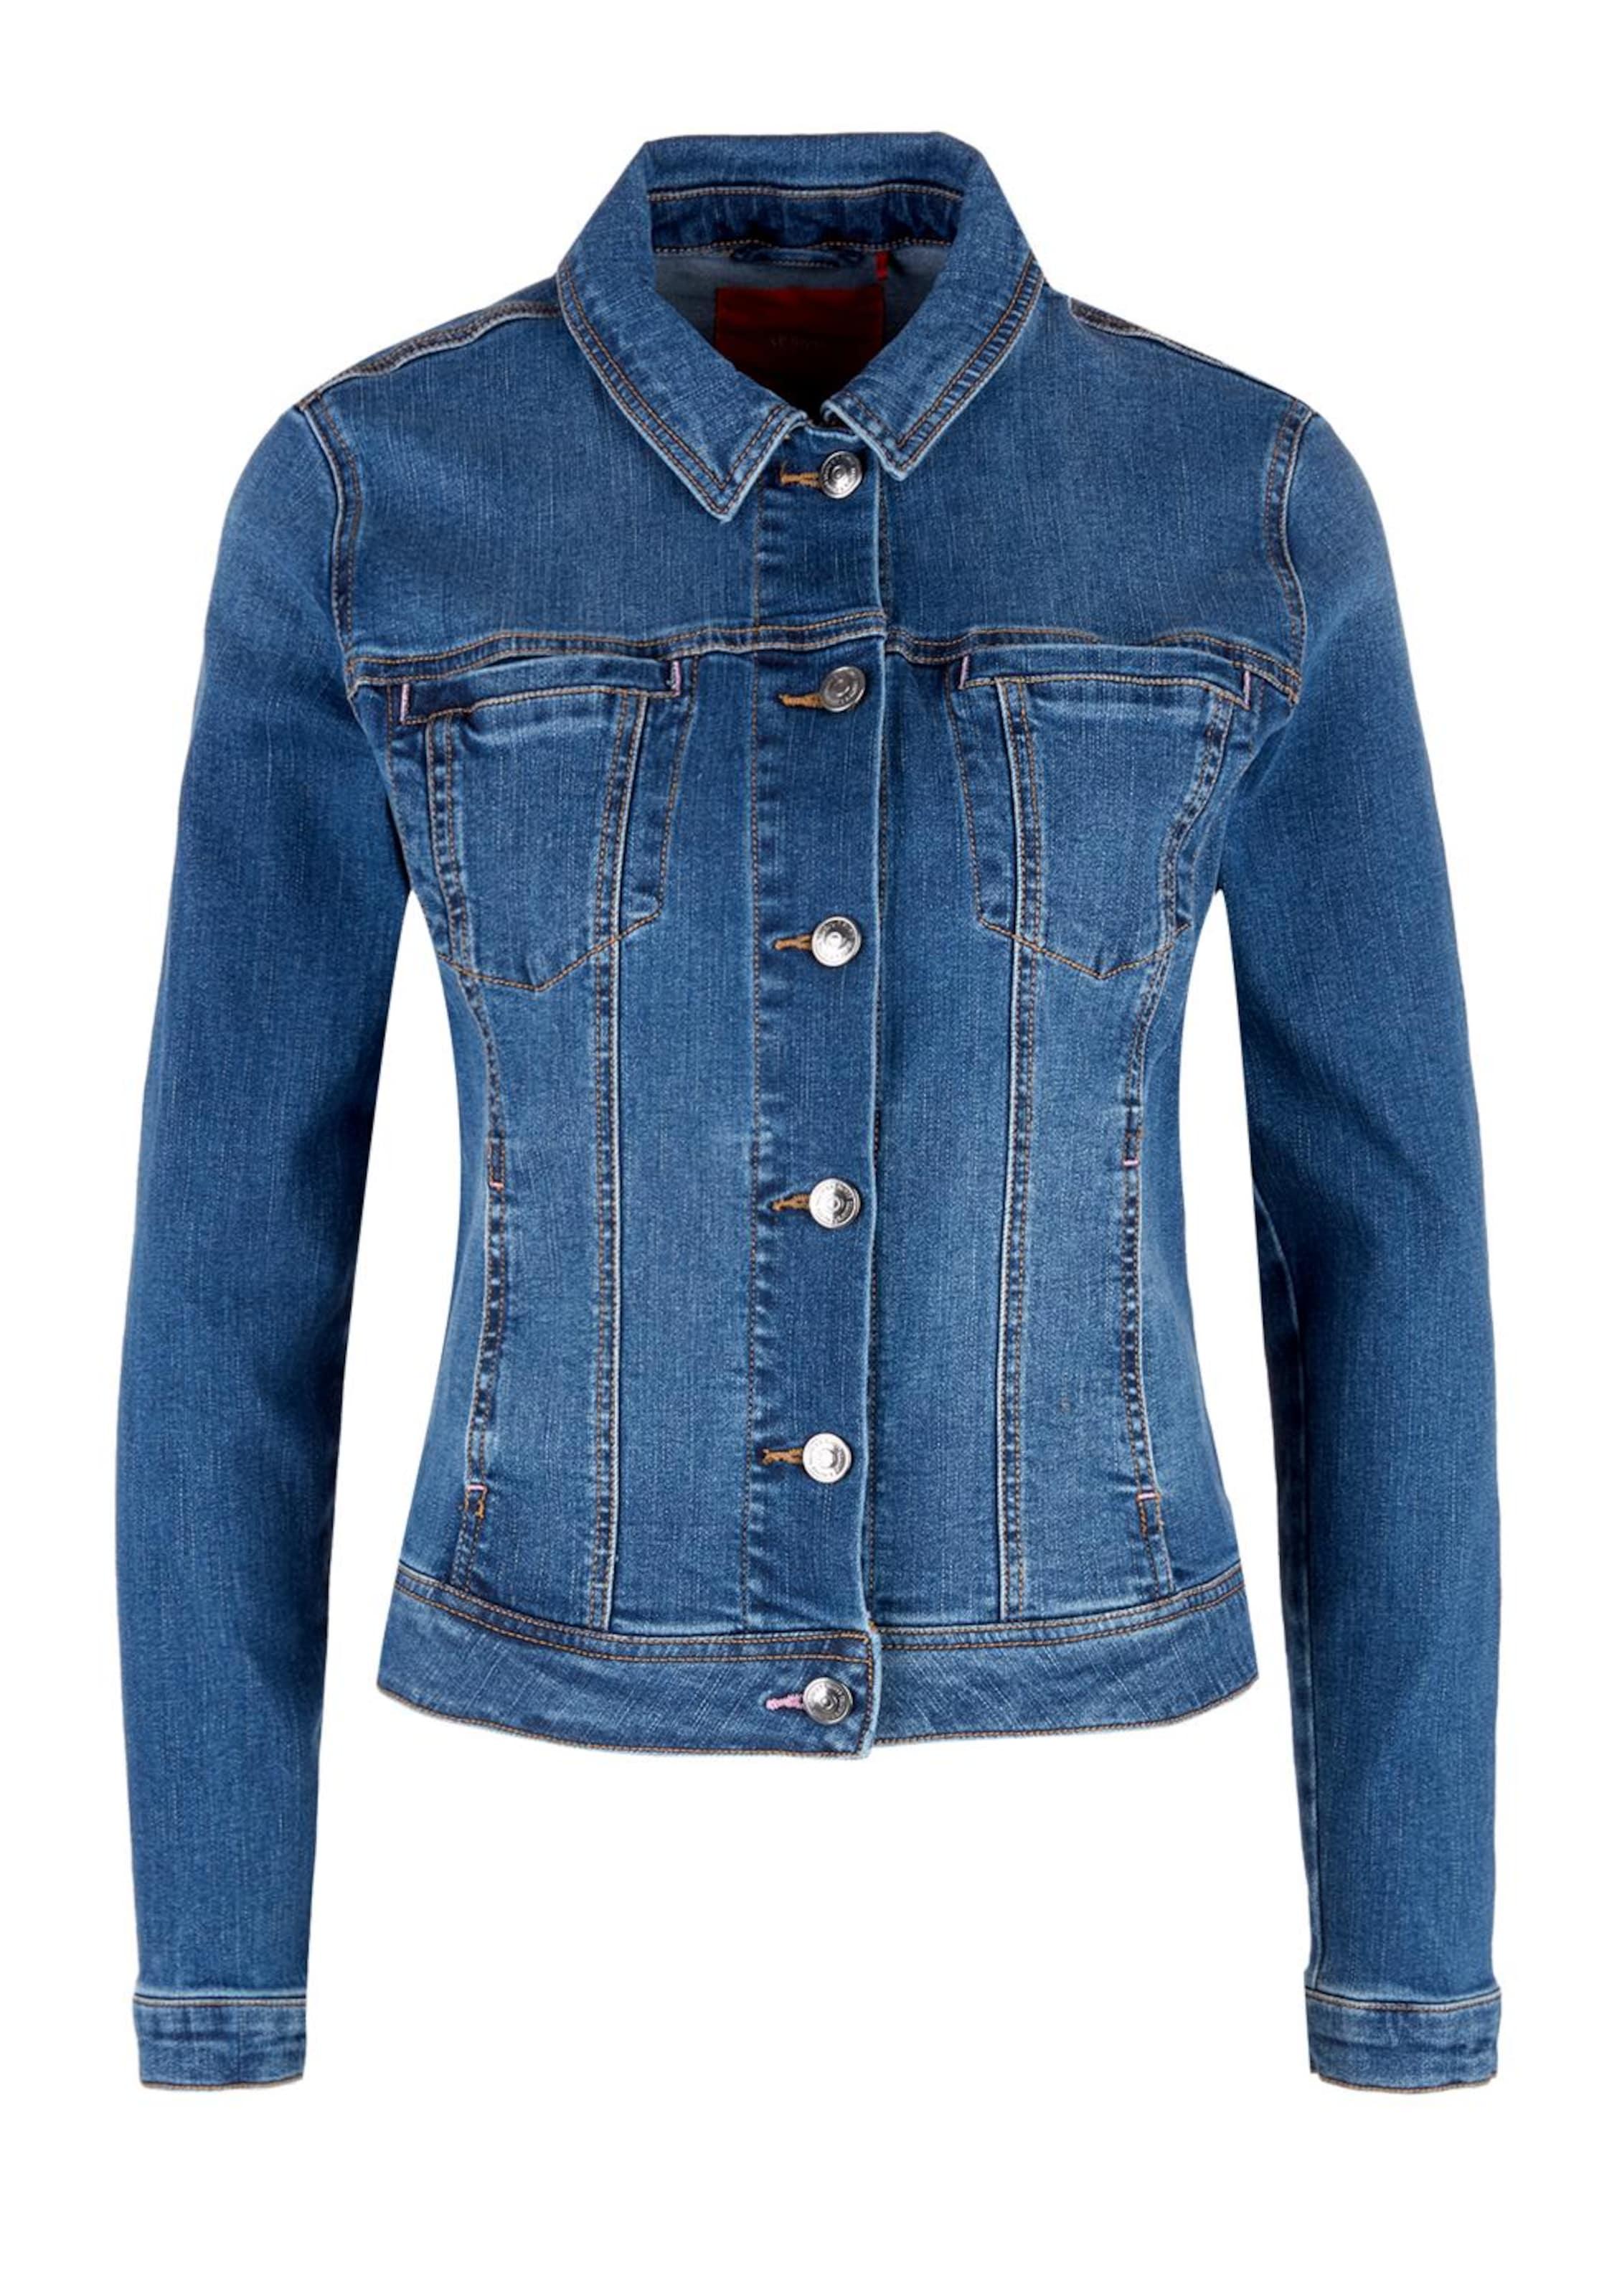 Blau Label S In oliver Red Jacke 4RjA5L